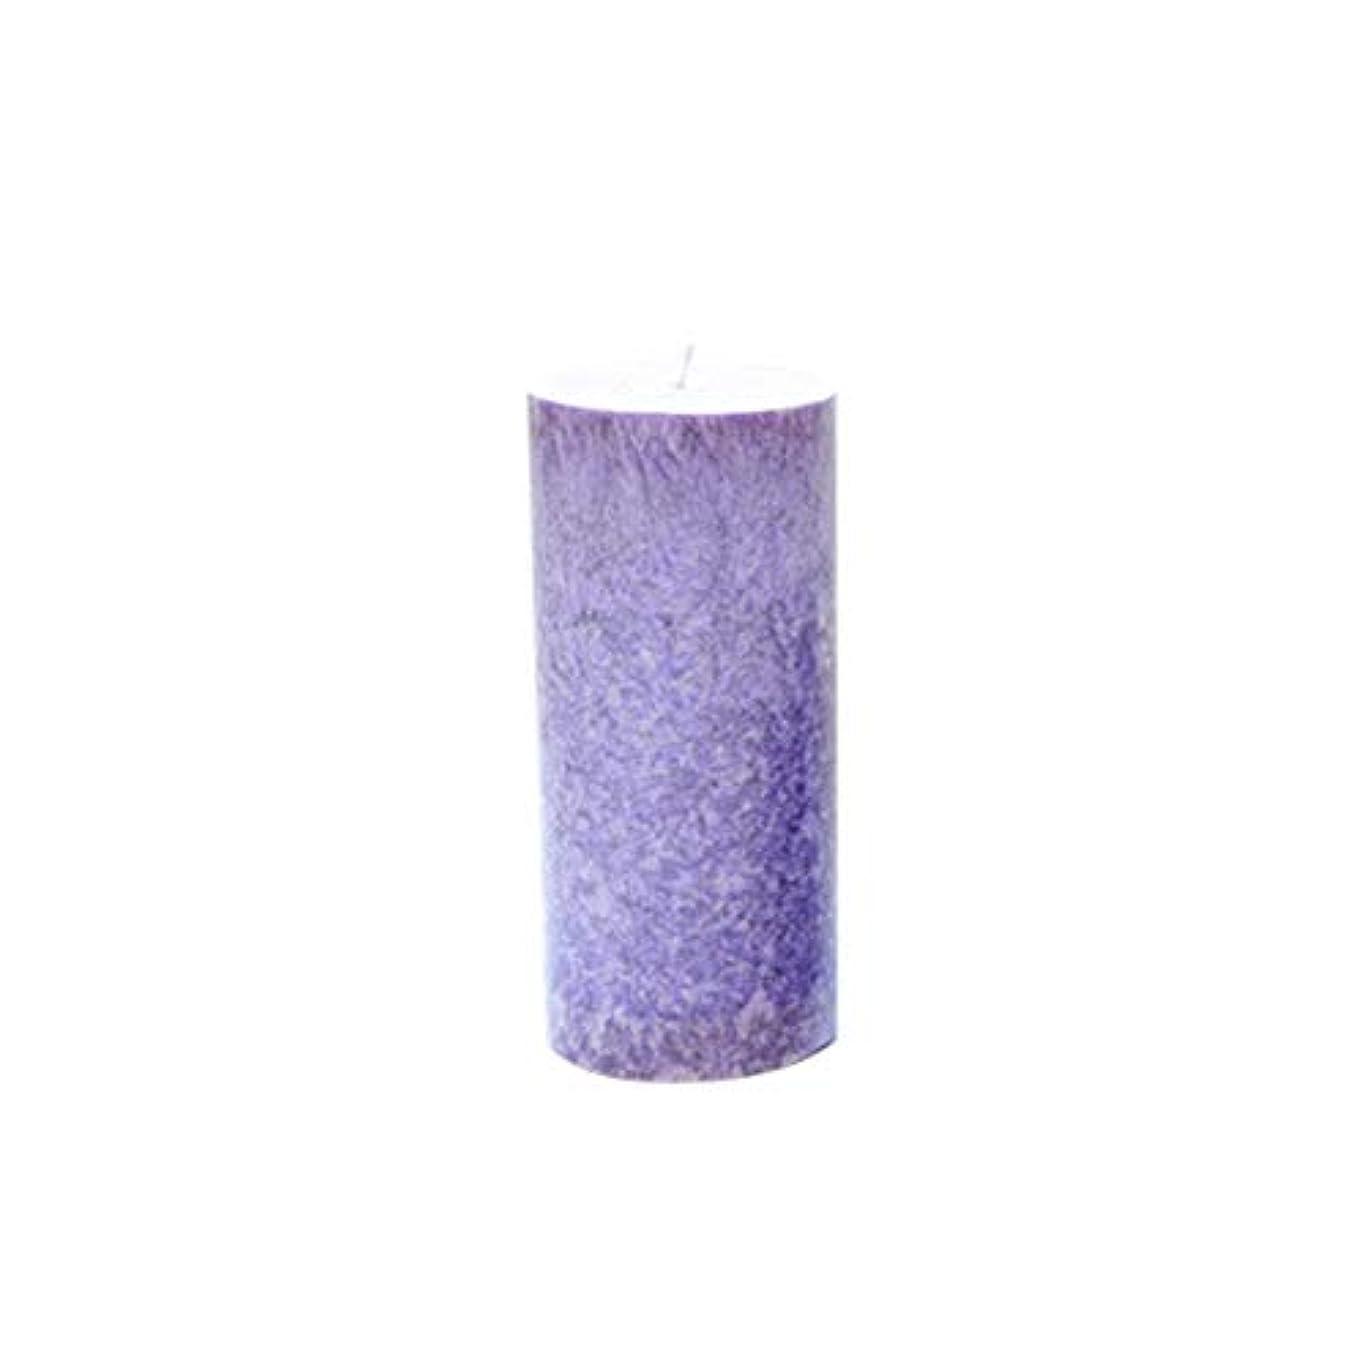 親密なさわやか対角線Rakuby 香料入り 蝋燭 ロマンチック 紫色 ラベンダー アロマ療法 柱 蝋燭 祝祭 結婚祝い 無煙蝋燭